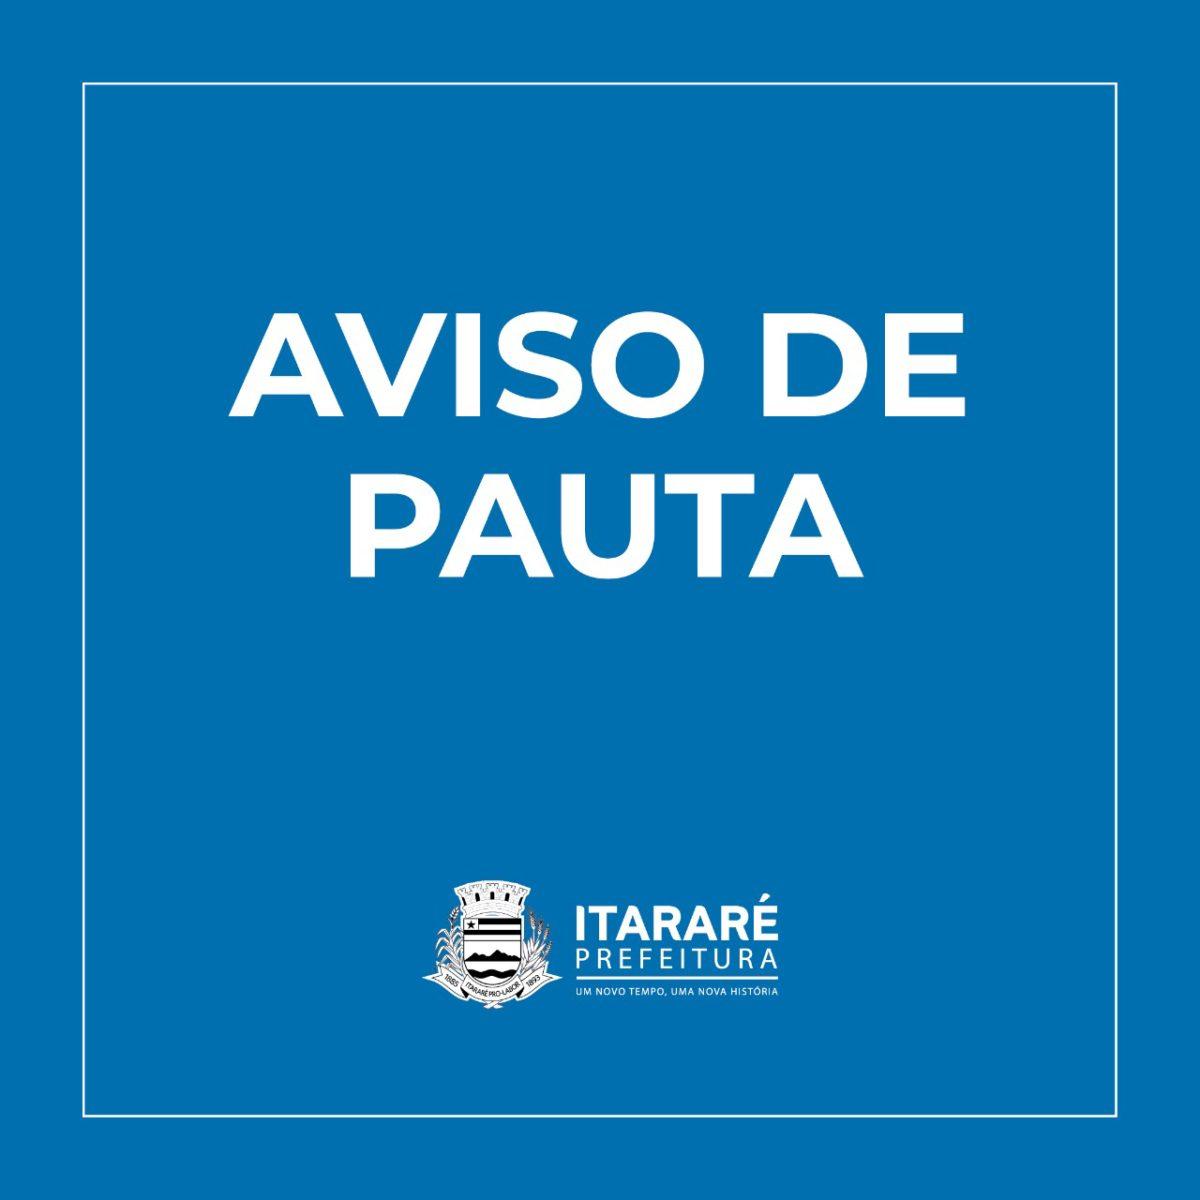 AVISO DE PAUTA: 'Prefeitura no Bairro' acontece no Conjunto Habitacional Dilermando Marques Camargo nesta sexta-feira (28)